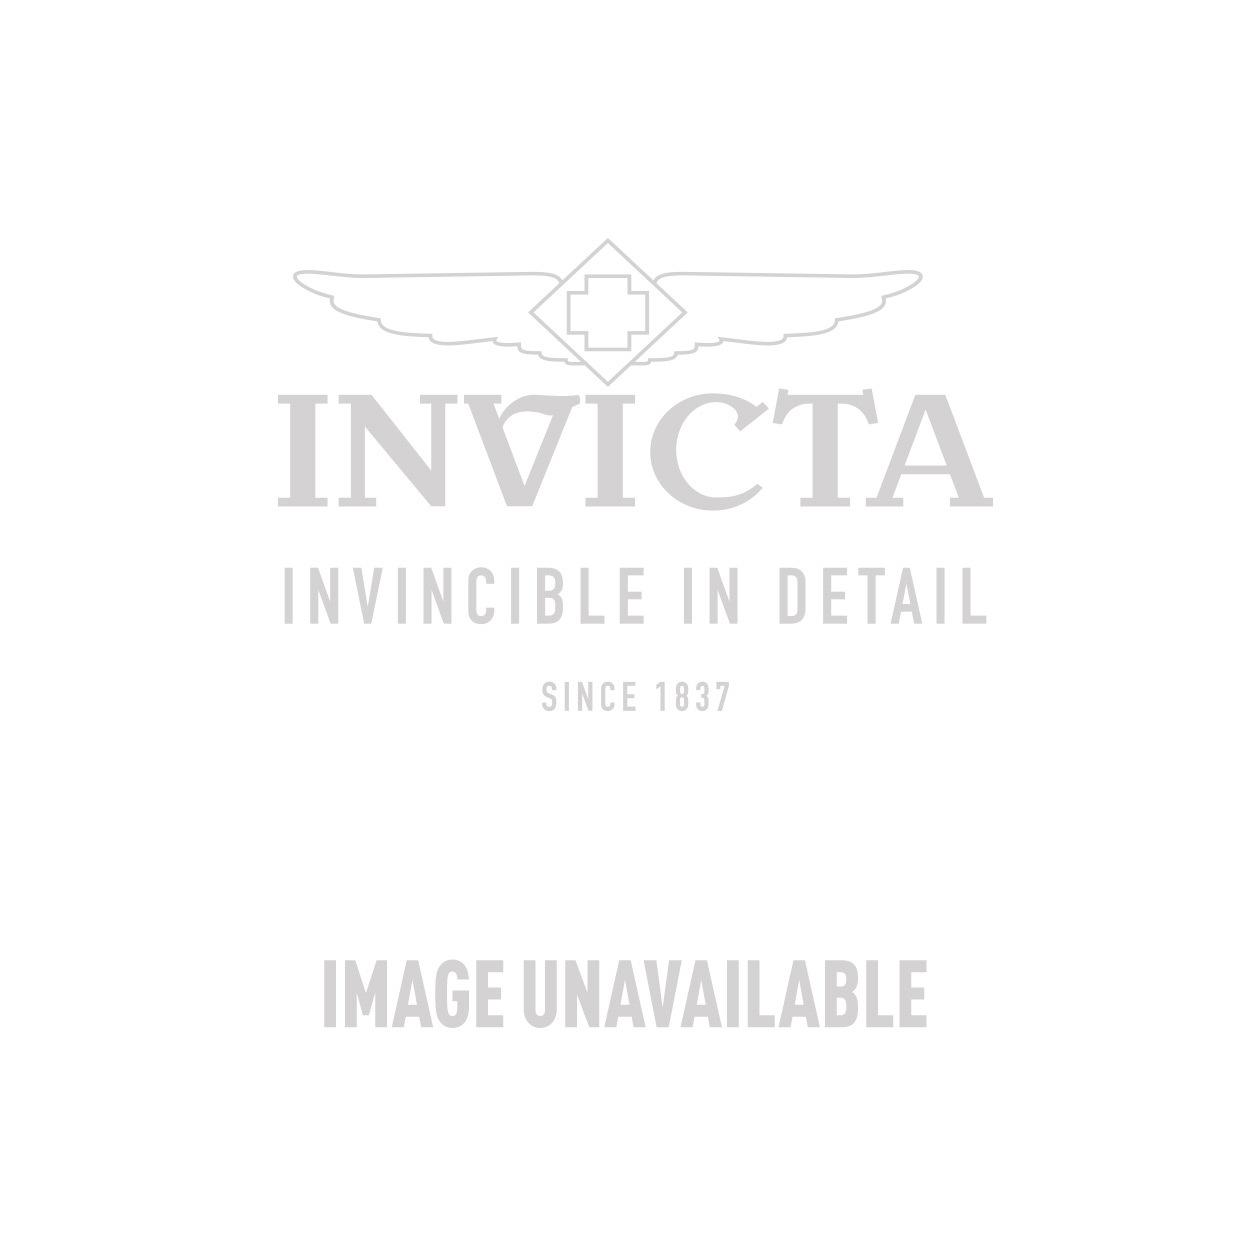 Invicta Model 25874